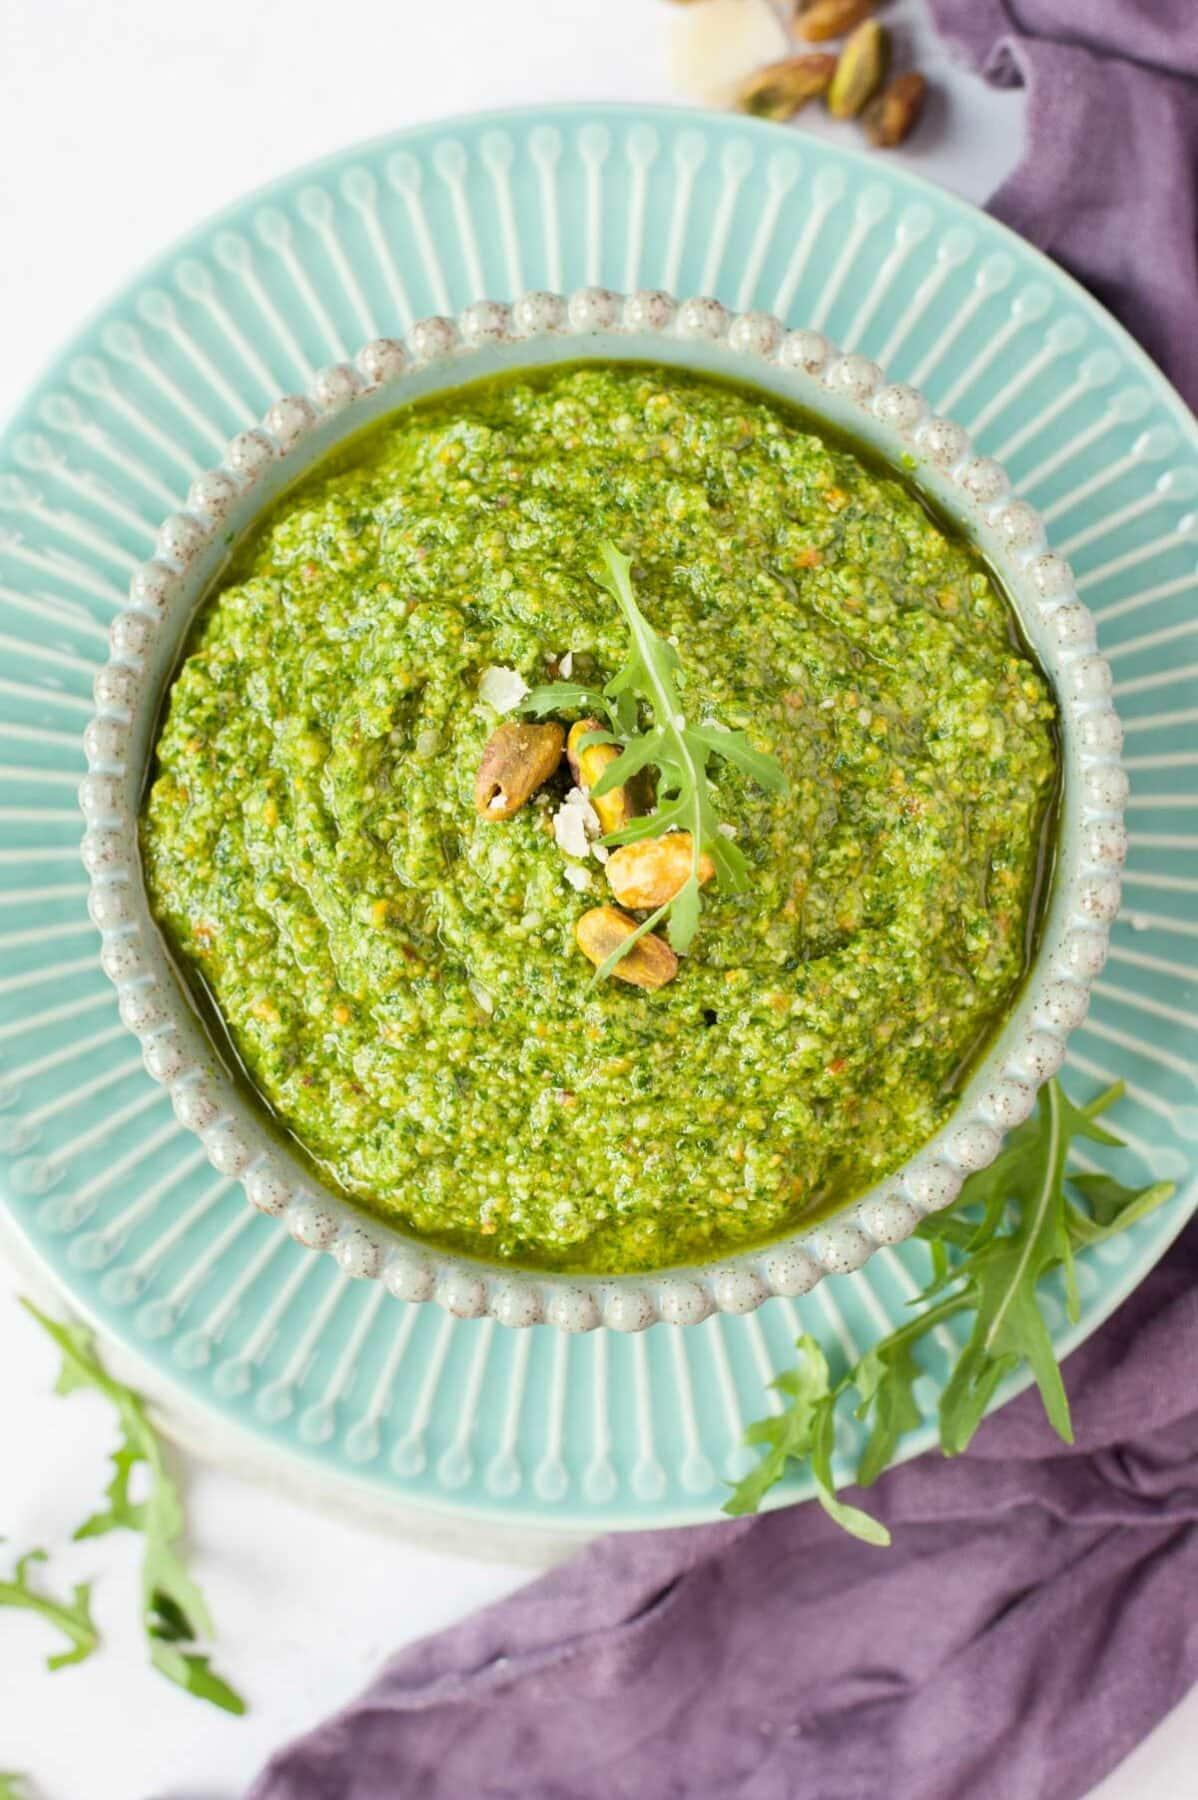 Pesto z rukoli w zielonej misce, na wierzchu liście rukoli i pistacje.